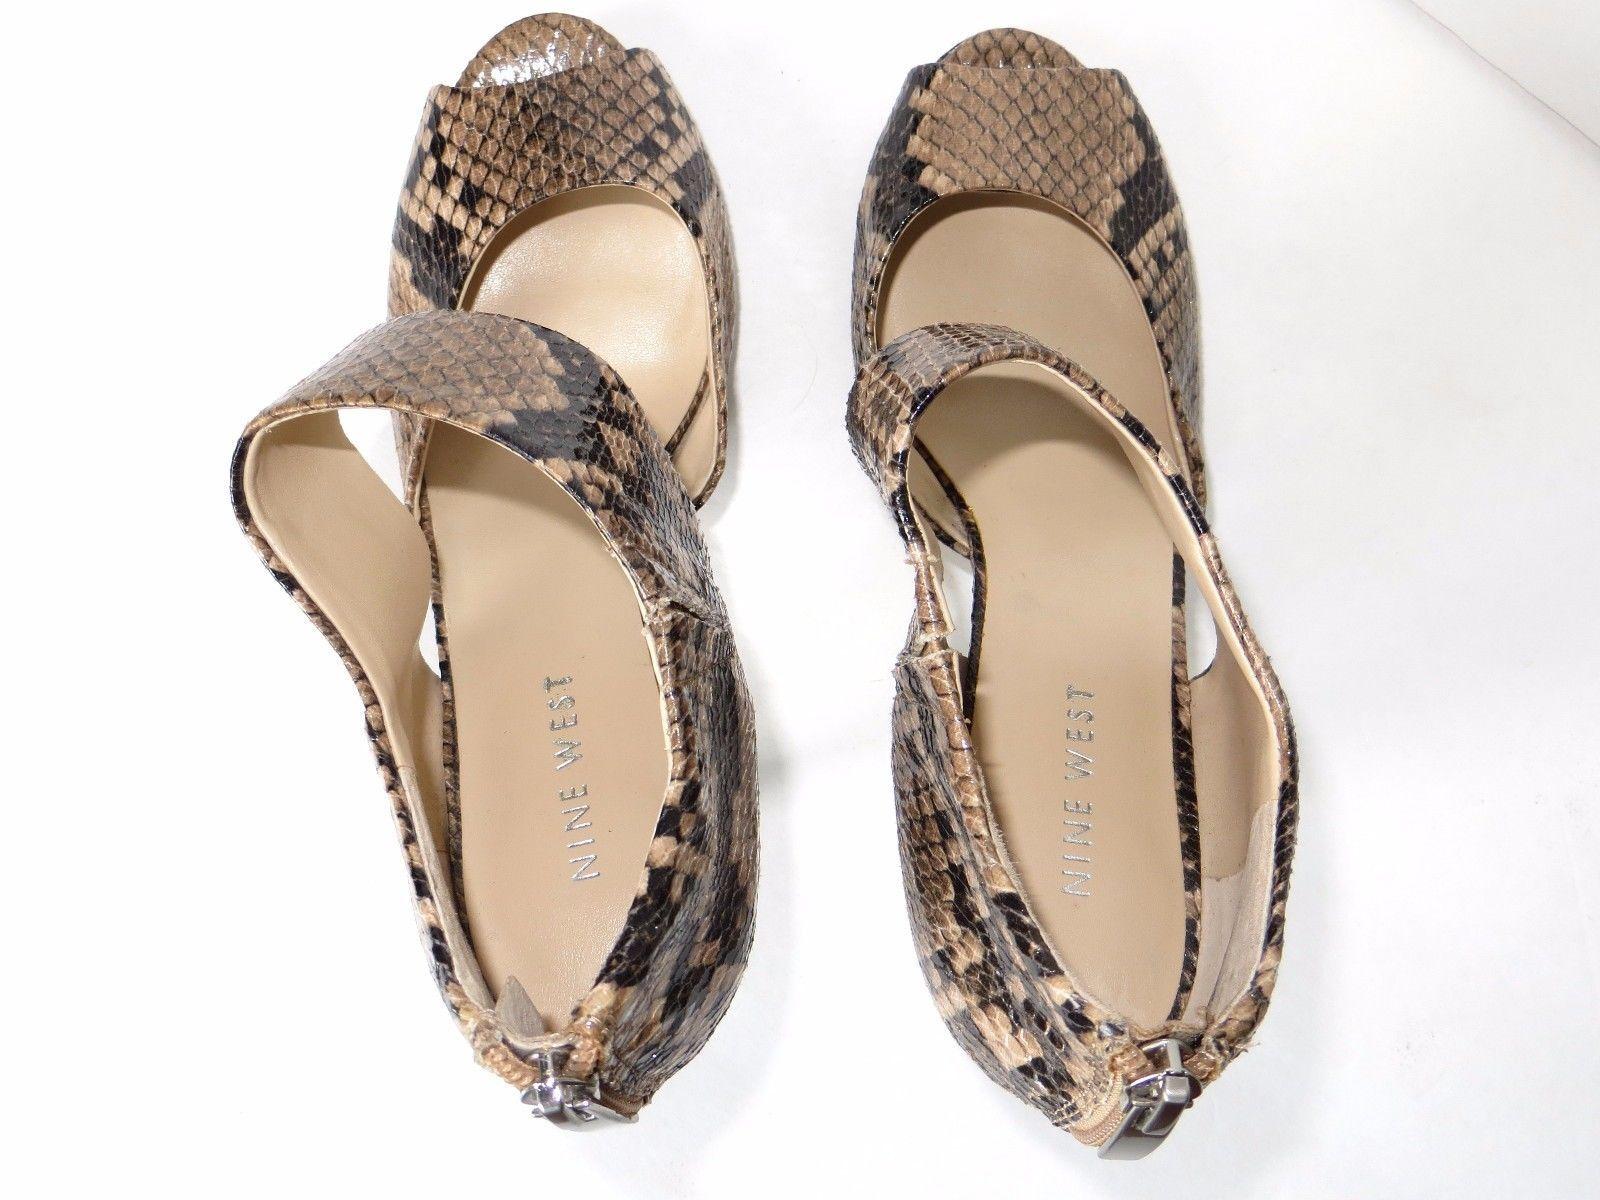 Nine West Snakeskin Open Toe Heels Sz 6.5  Black Tan